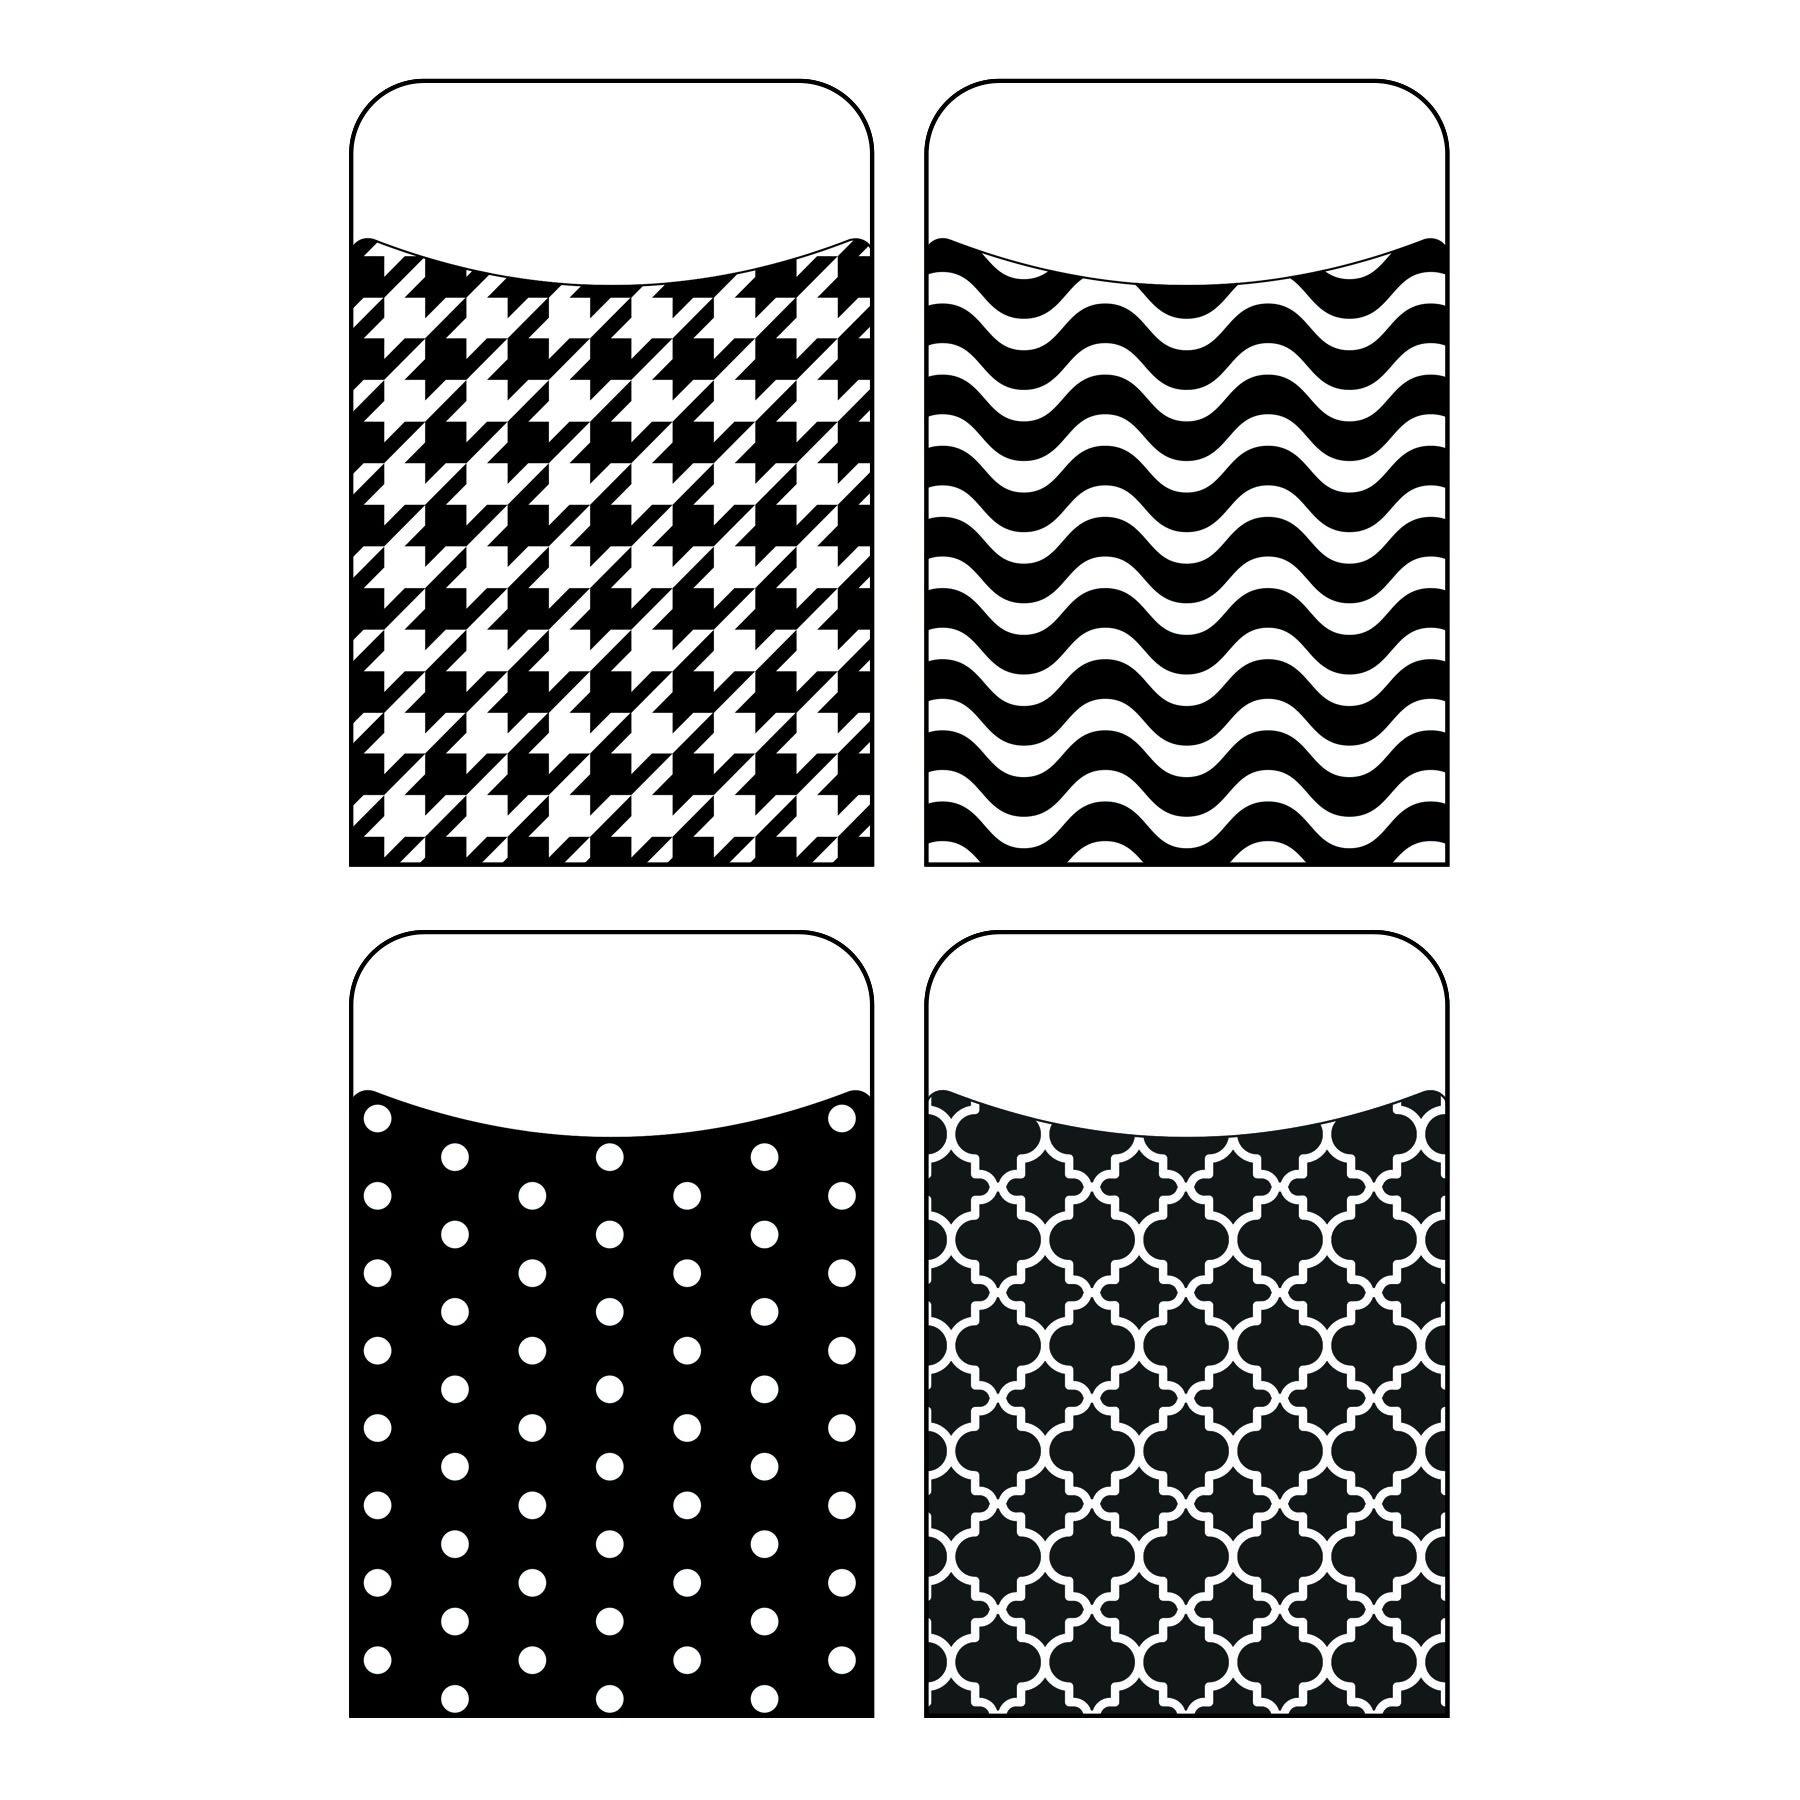 Trend Enterprises, Inc. T-77901BN Black & White Terrific Pockets Variety Pack, 40 per Pack, 6 Packs